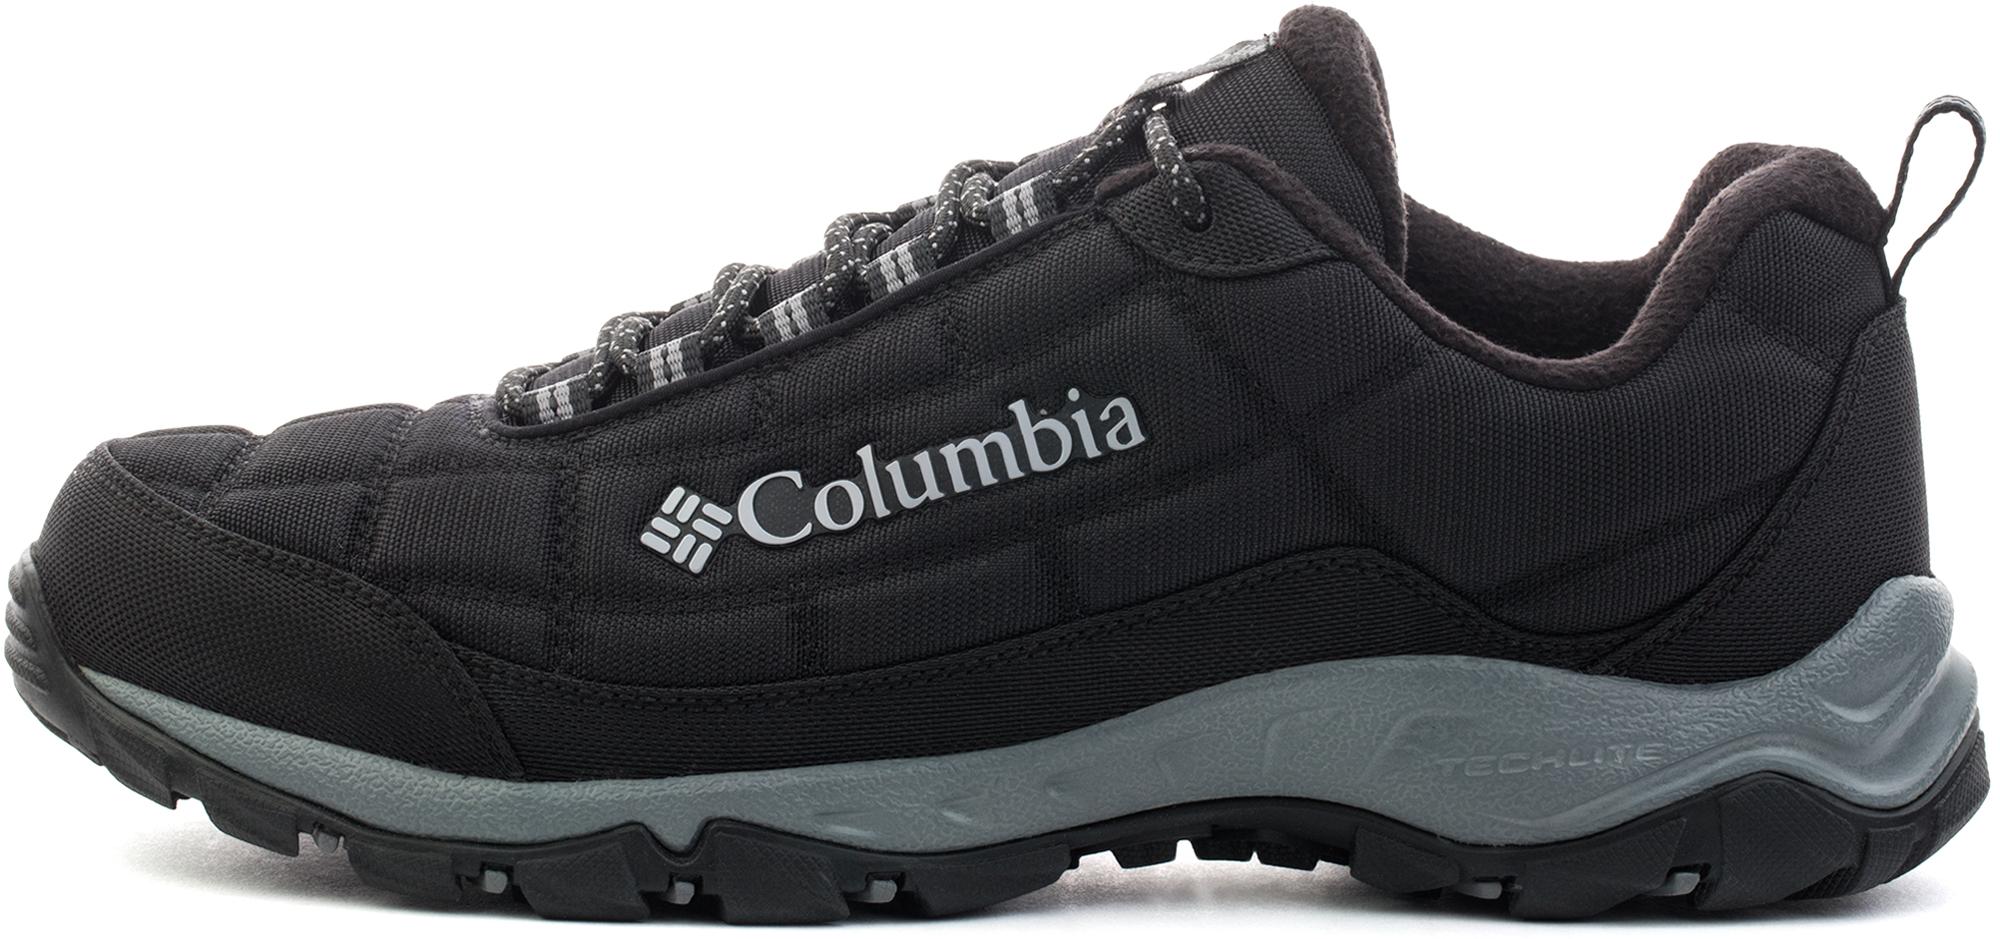 Columbia Ботинки мужские Columbia Firecamp, размер 49 цена и фото